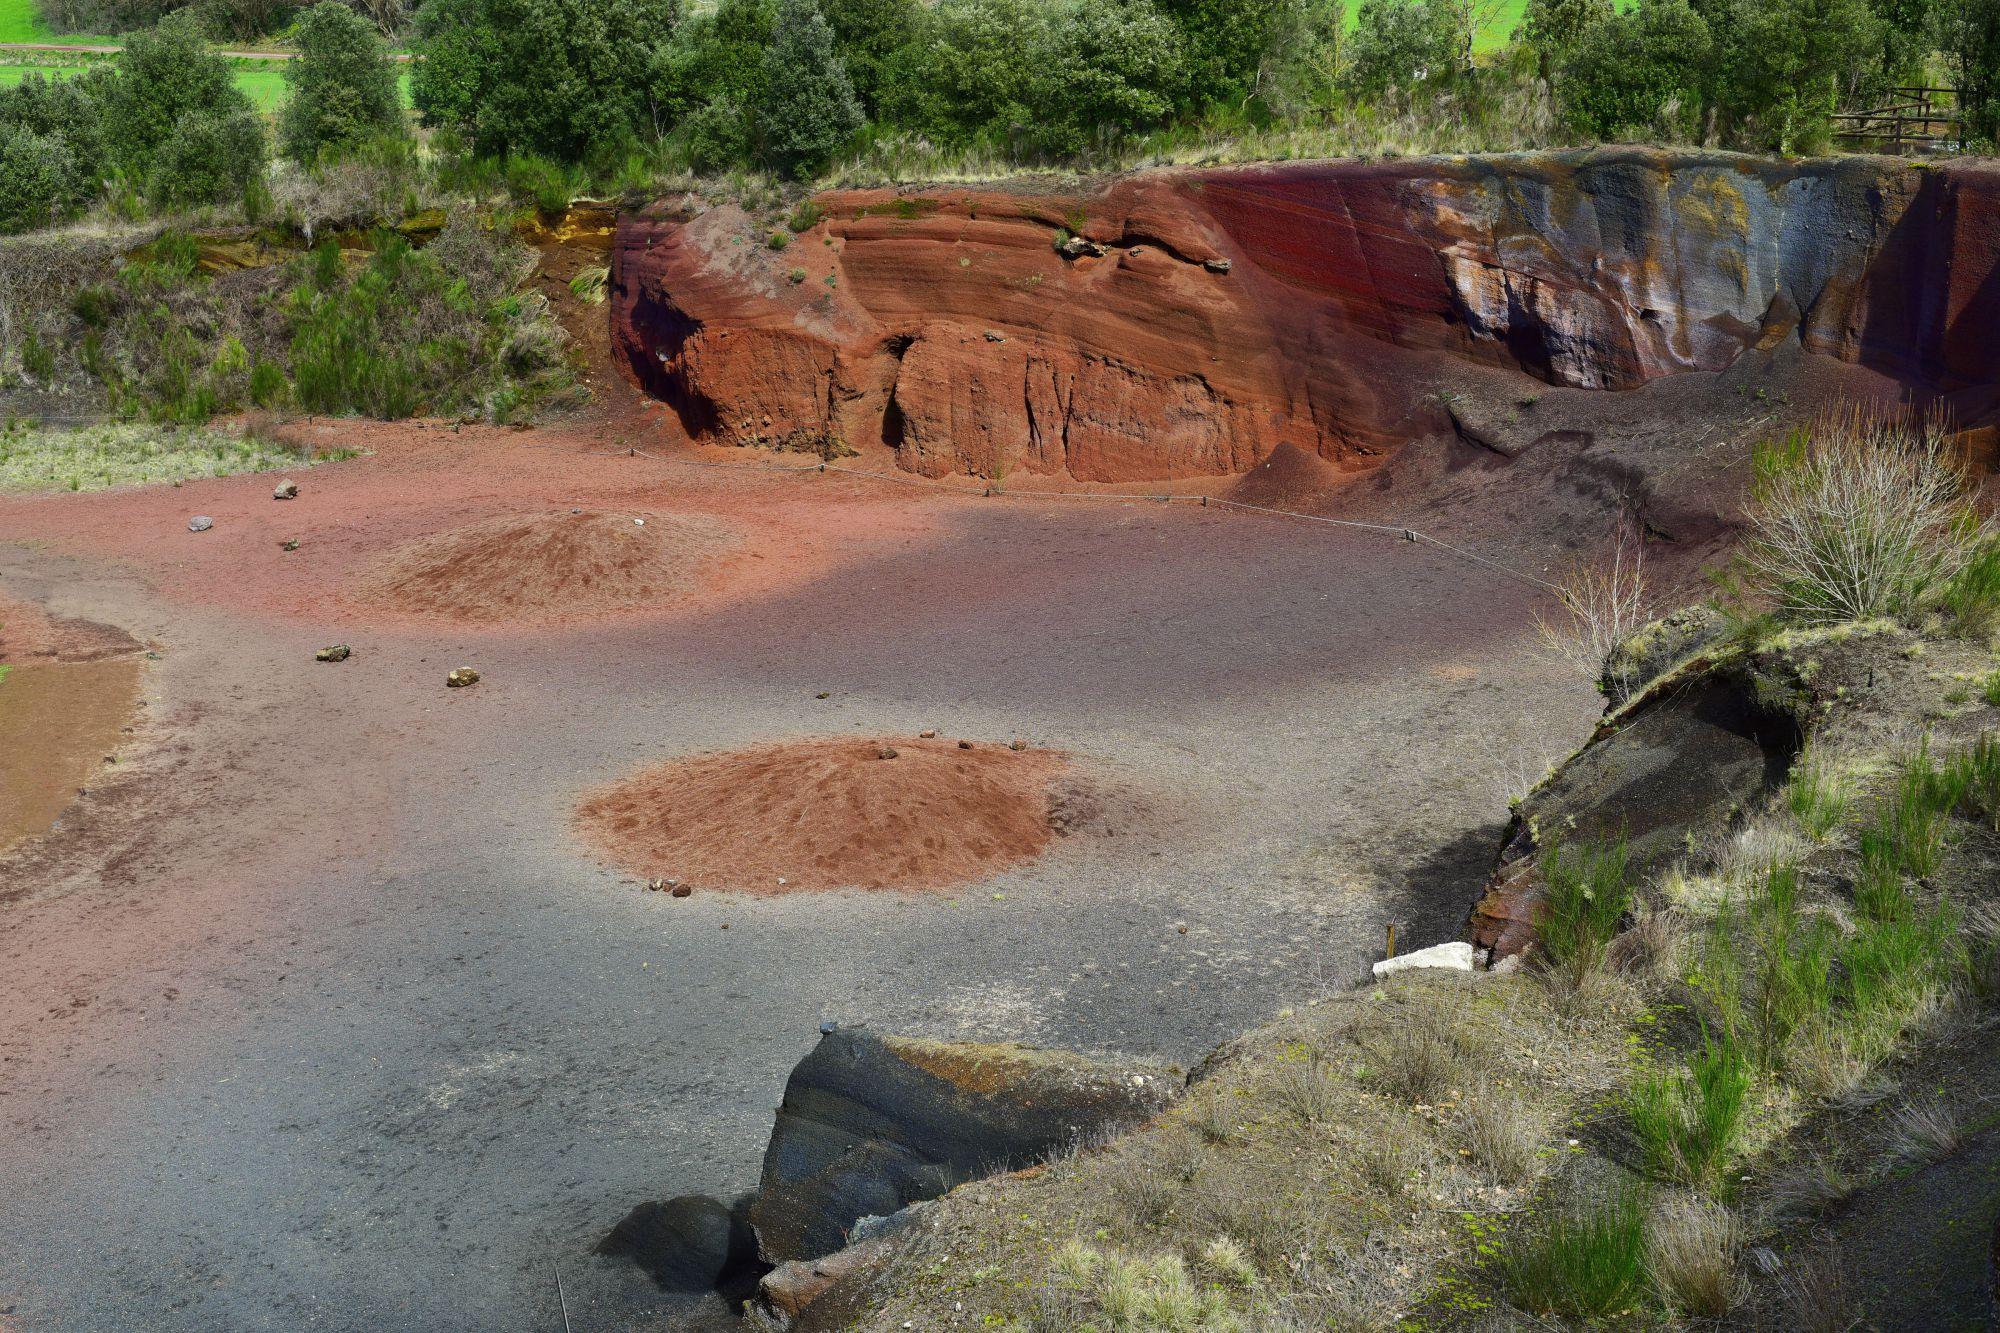 El volcán de Croscat y sus gredales son una de las joyas del parque. Foto: Shutterstock.